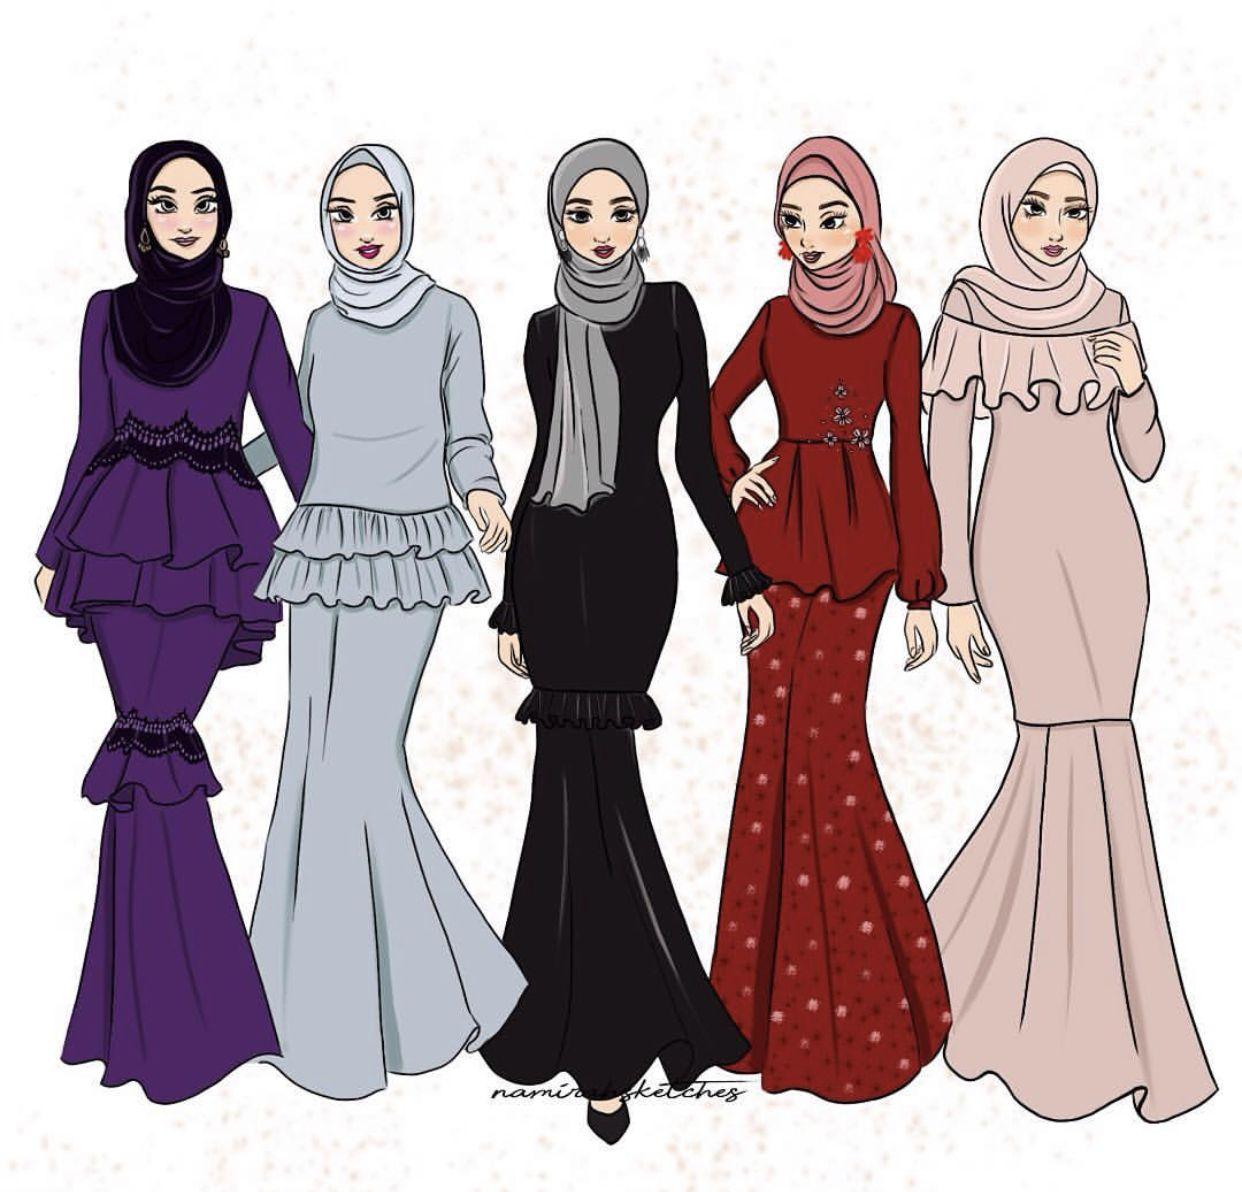 Fesyen baju raya  Sketsa model pakaian, Ilustrasi model pakaian